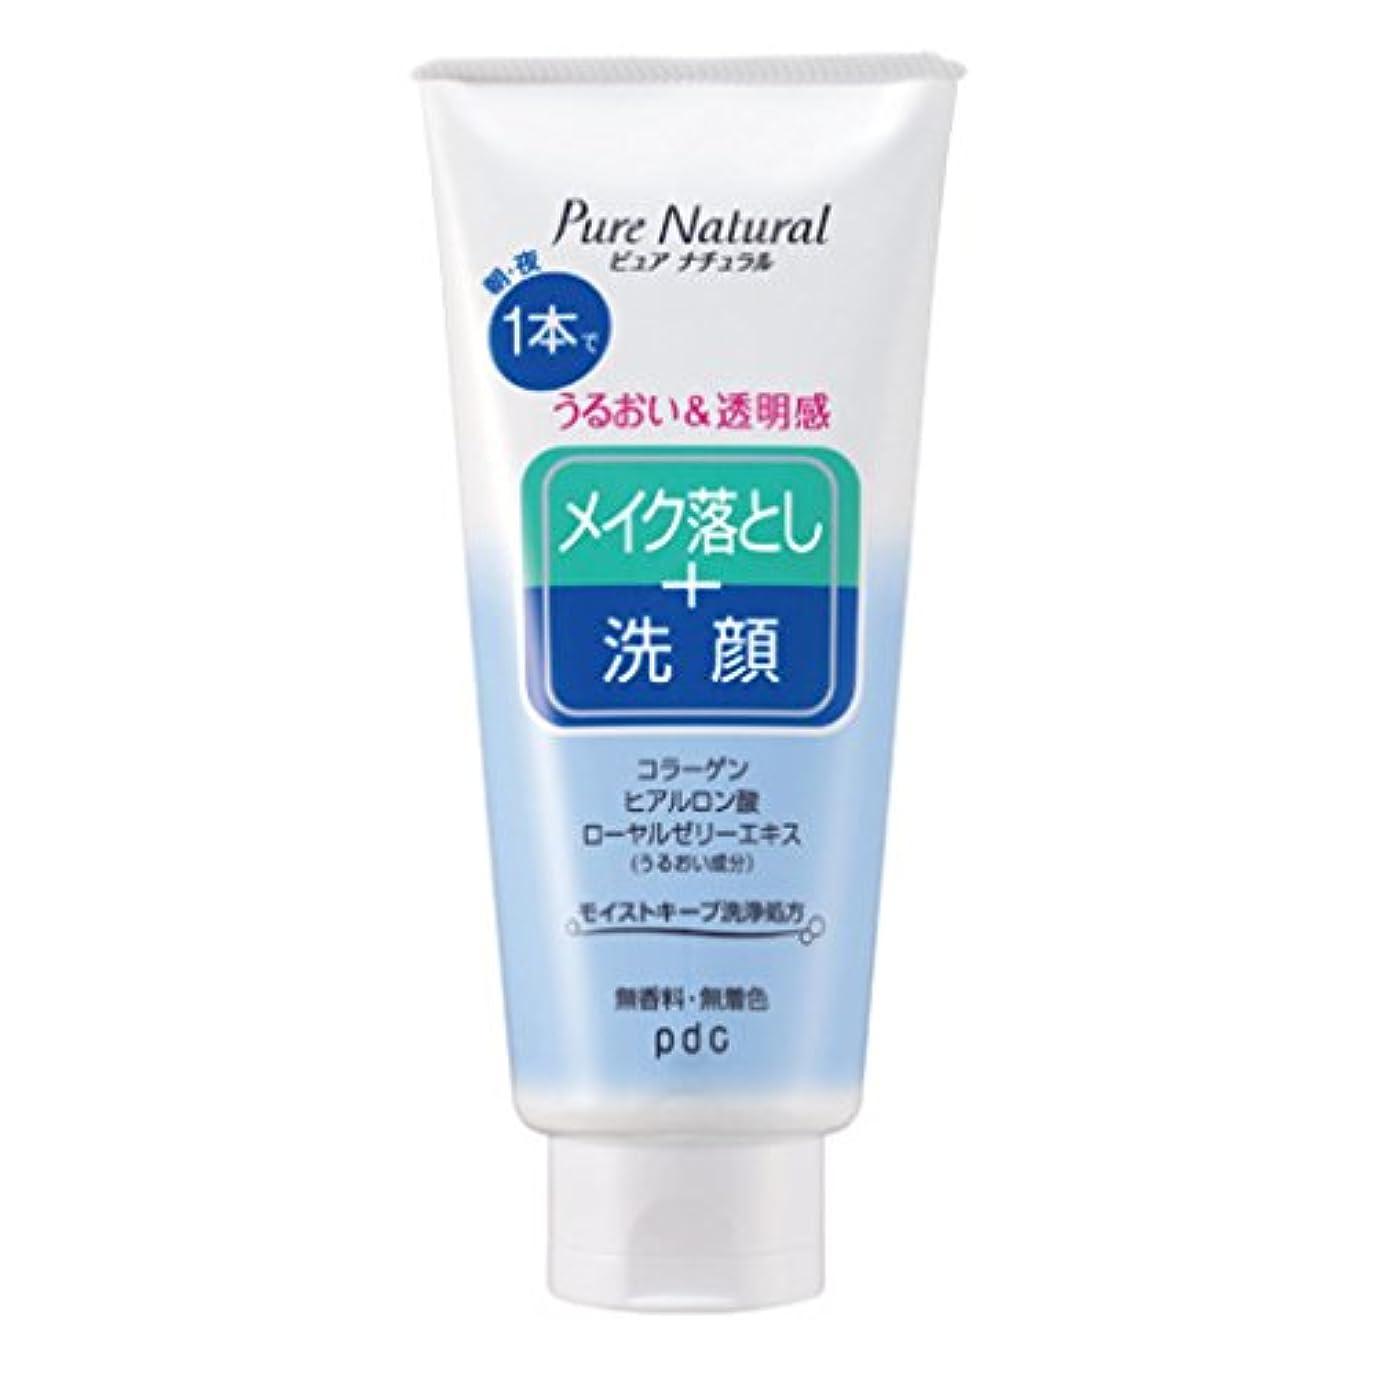 直径訴える新鮮なPure NATURAL(ピュアナチュラル) クレンジング洗顔 170g